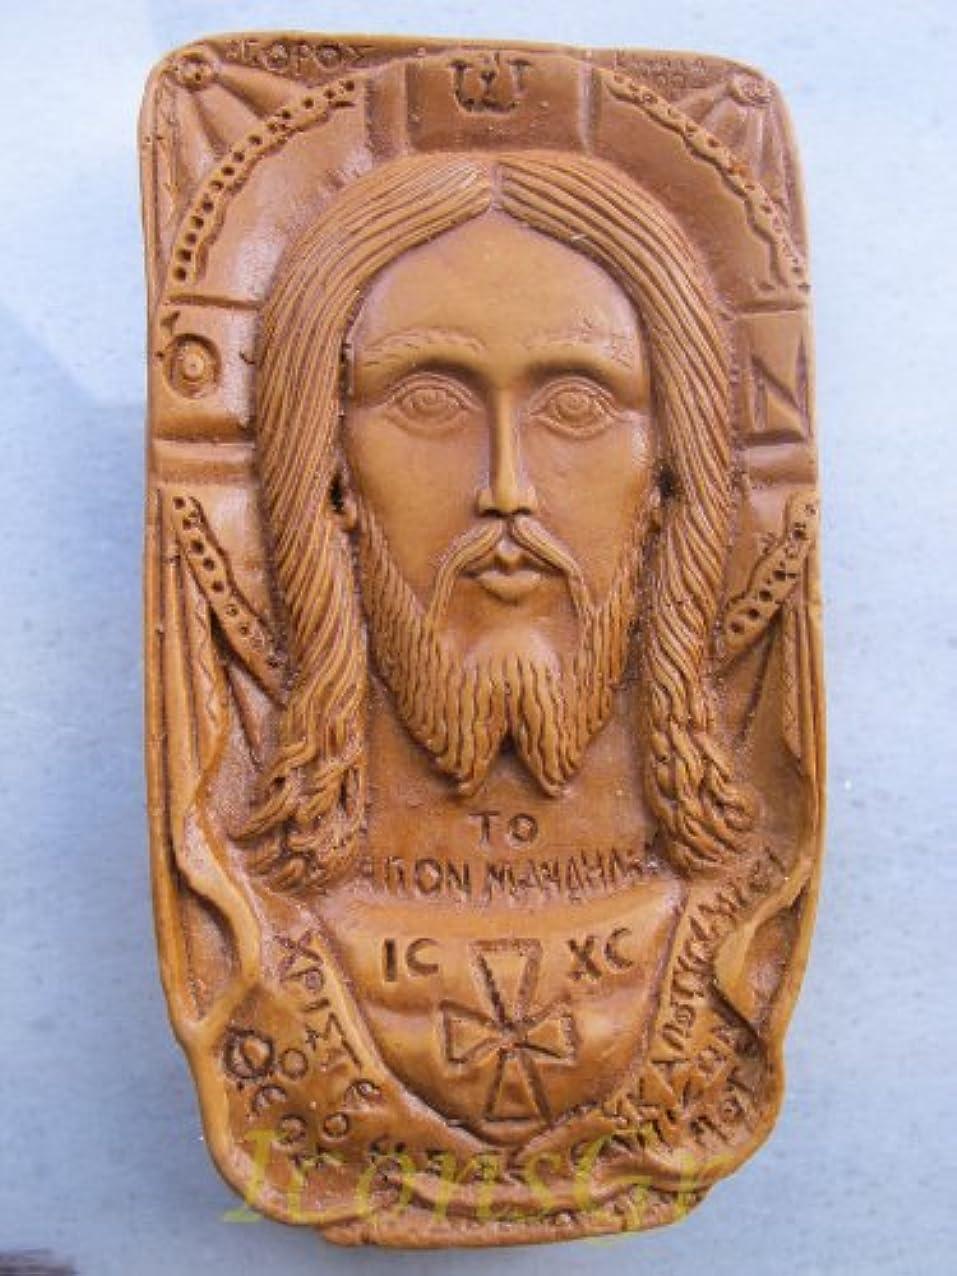 含むシアー十代の若者たちHandmade Carved Aromaticワックスから祝福アイコンアトスのマンディリオン125